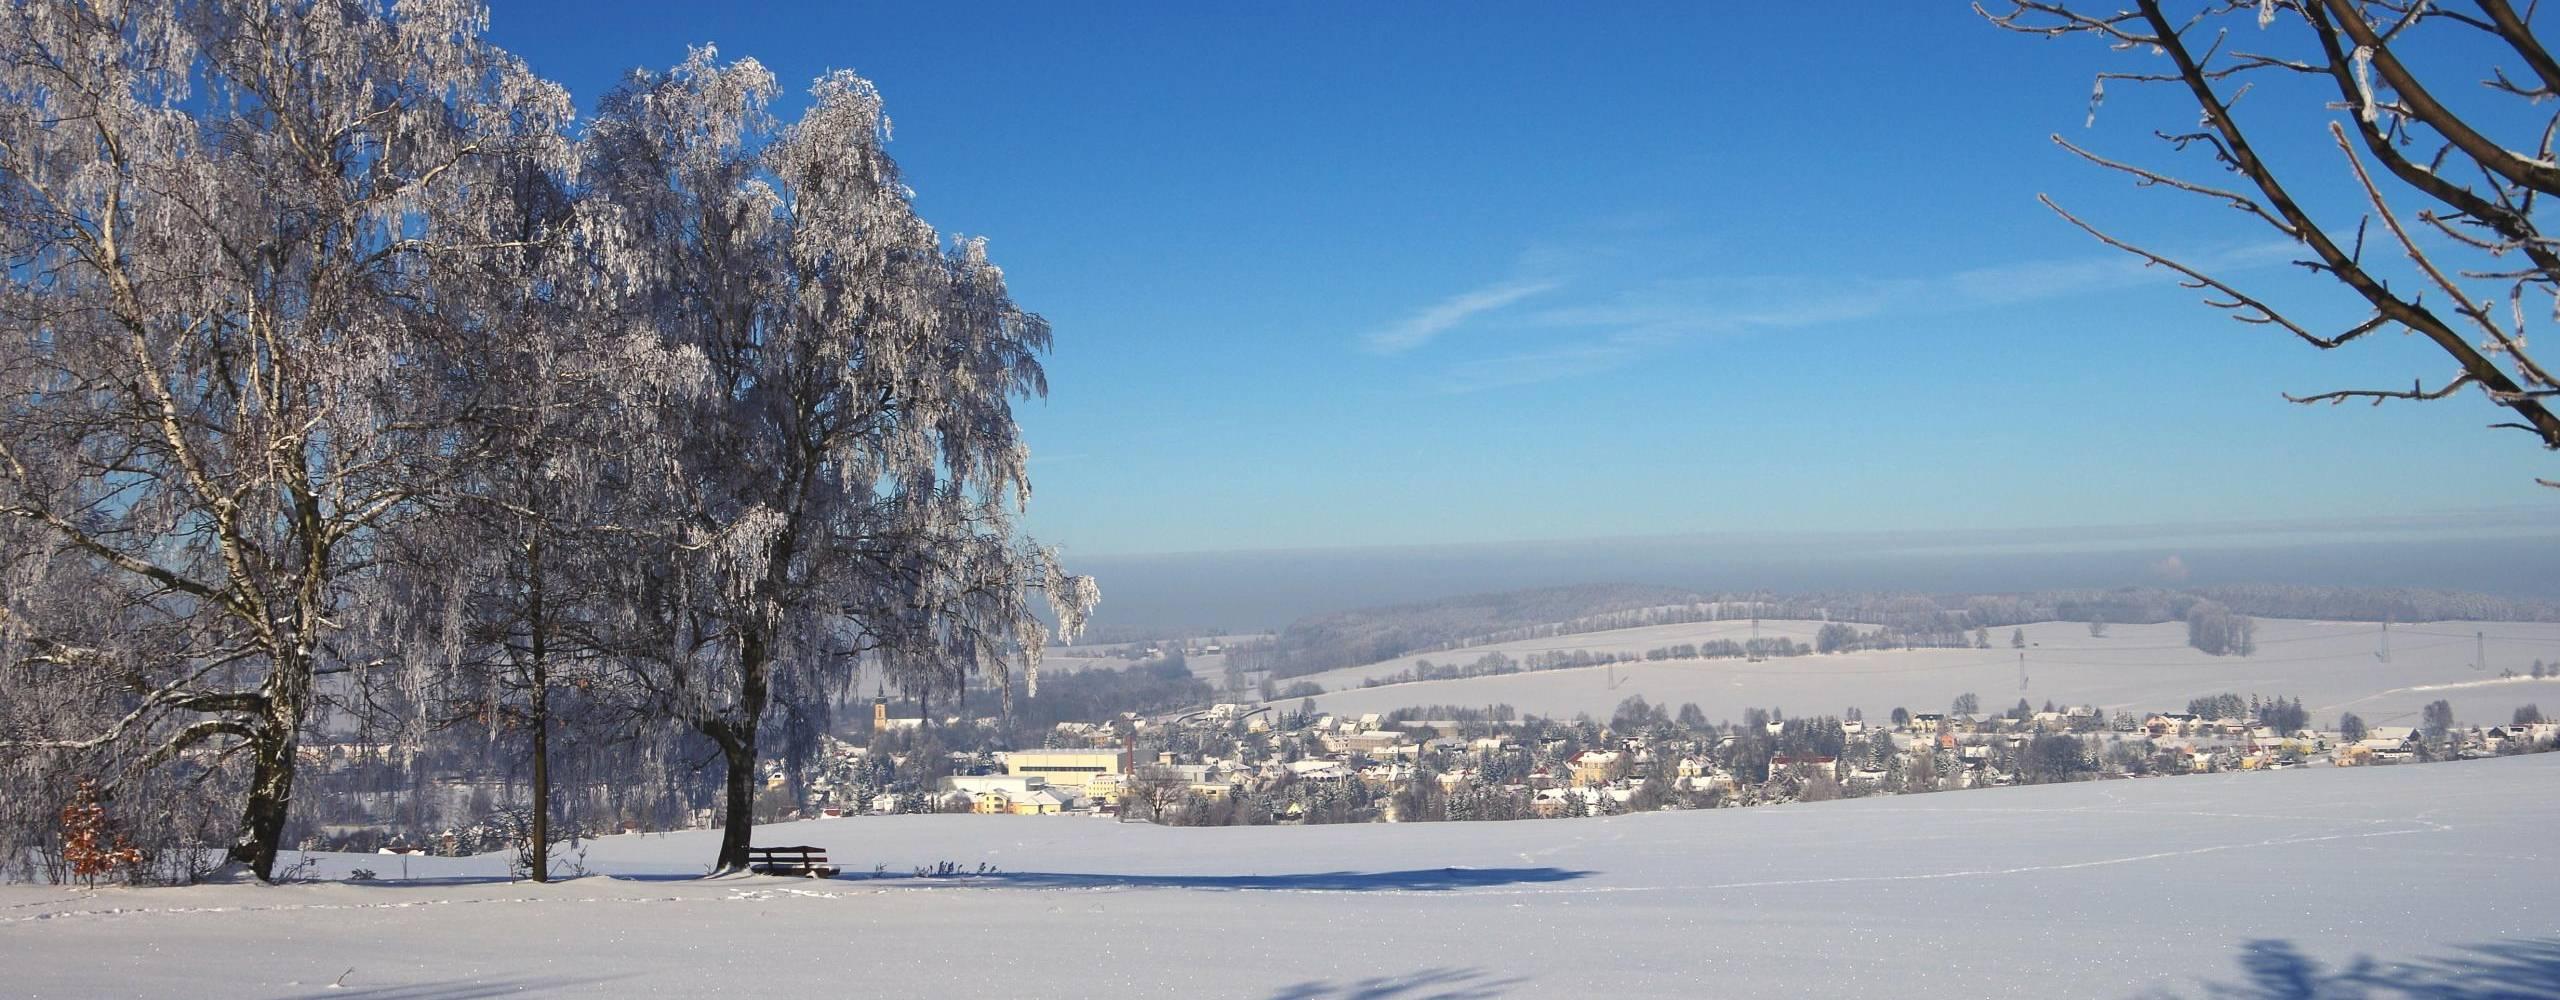 wintersport ©Neukirch/Lausitz im Schnee Fotograf: Gemeindeverwaltung Neukirch/Lausitz